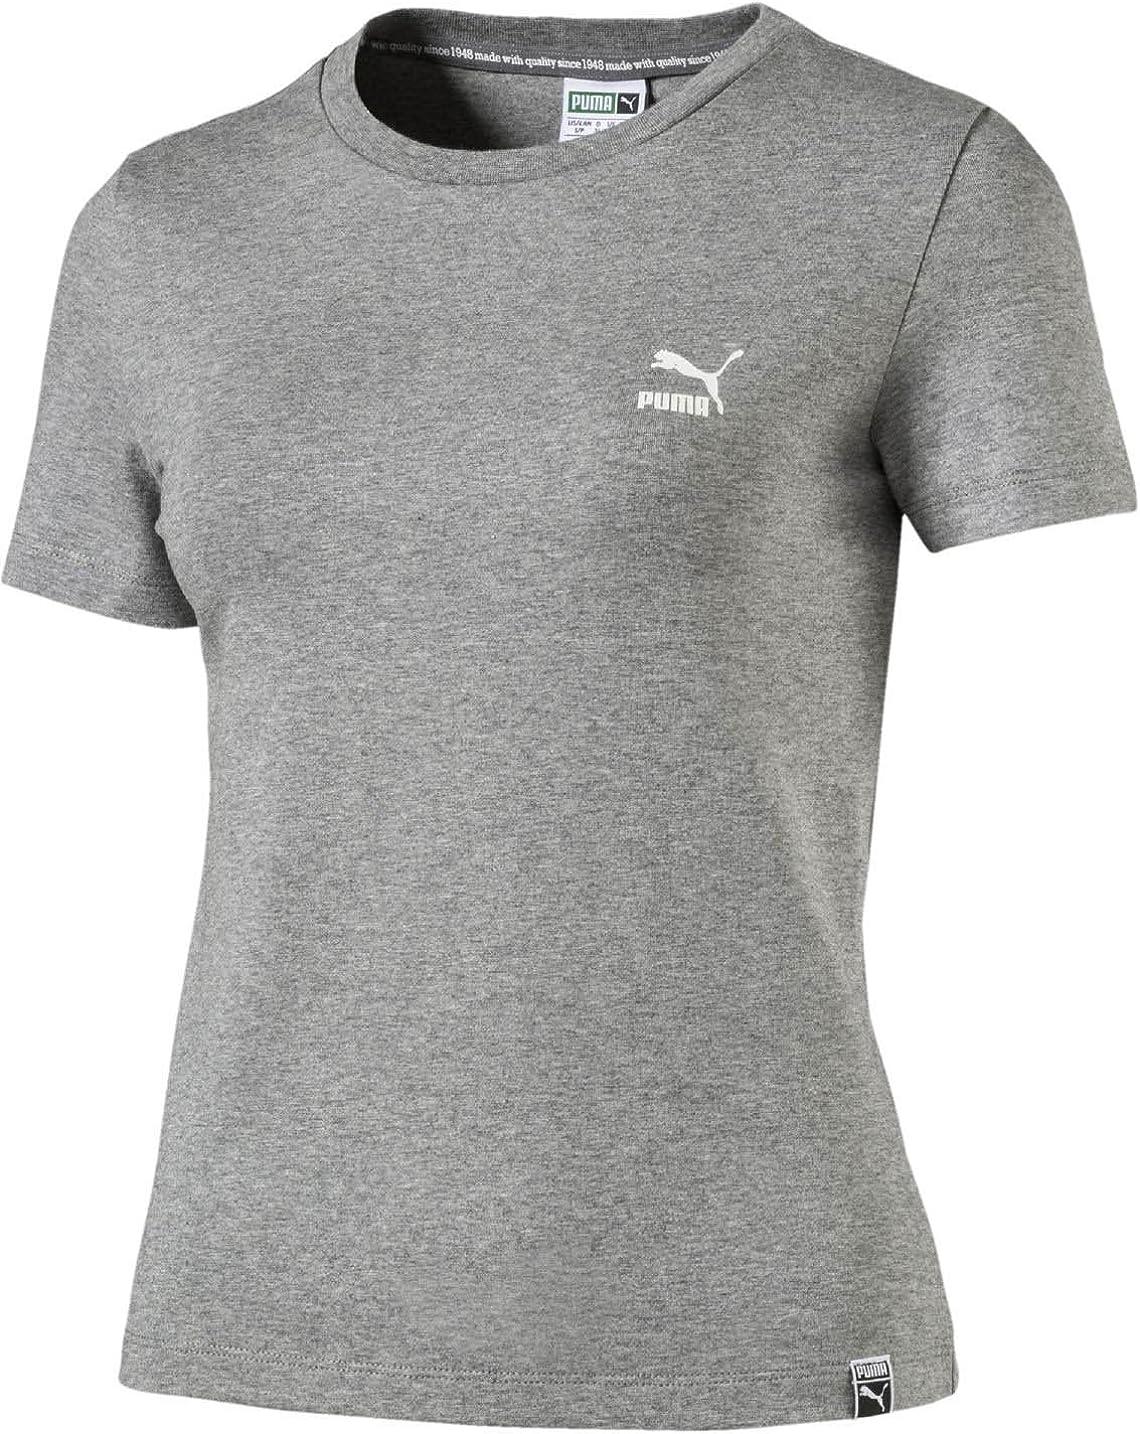 PUMA Women's Classics Tight T-Shirt